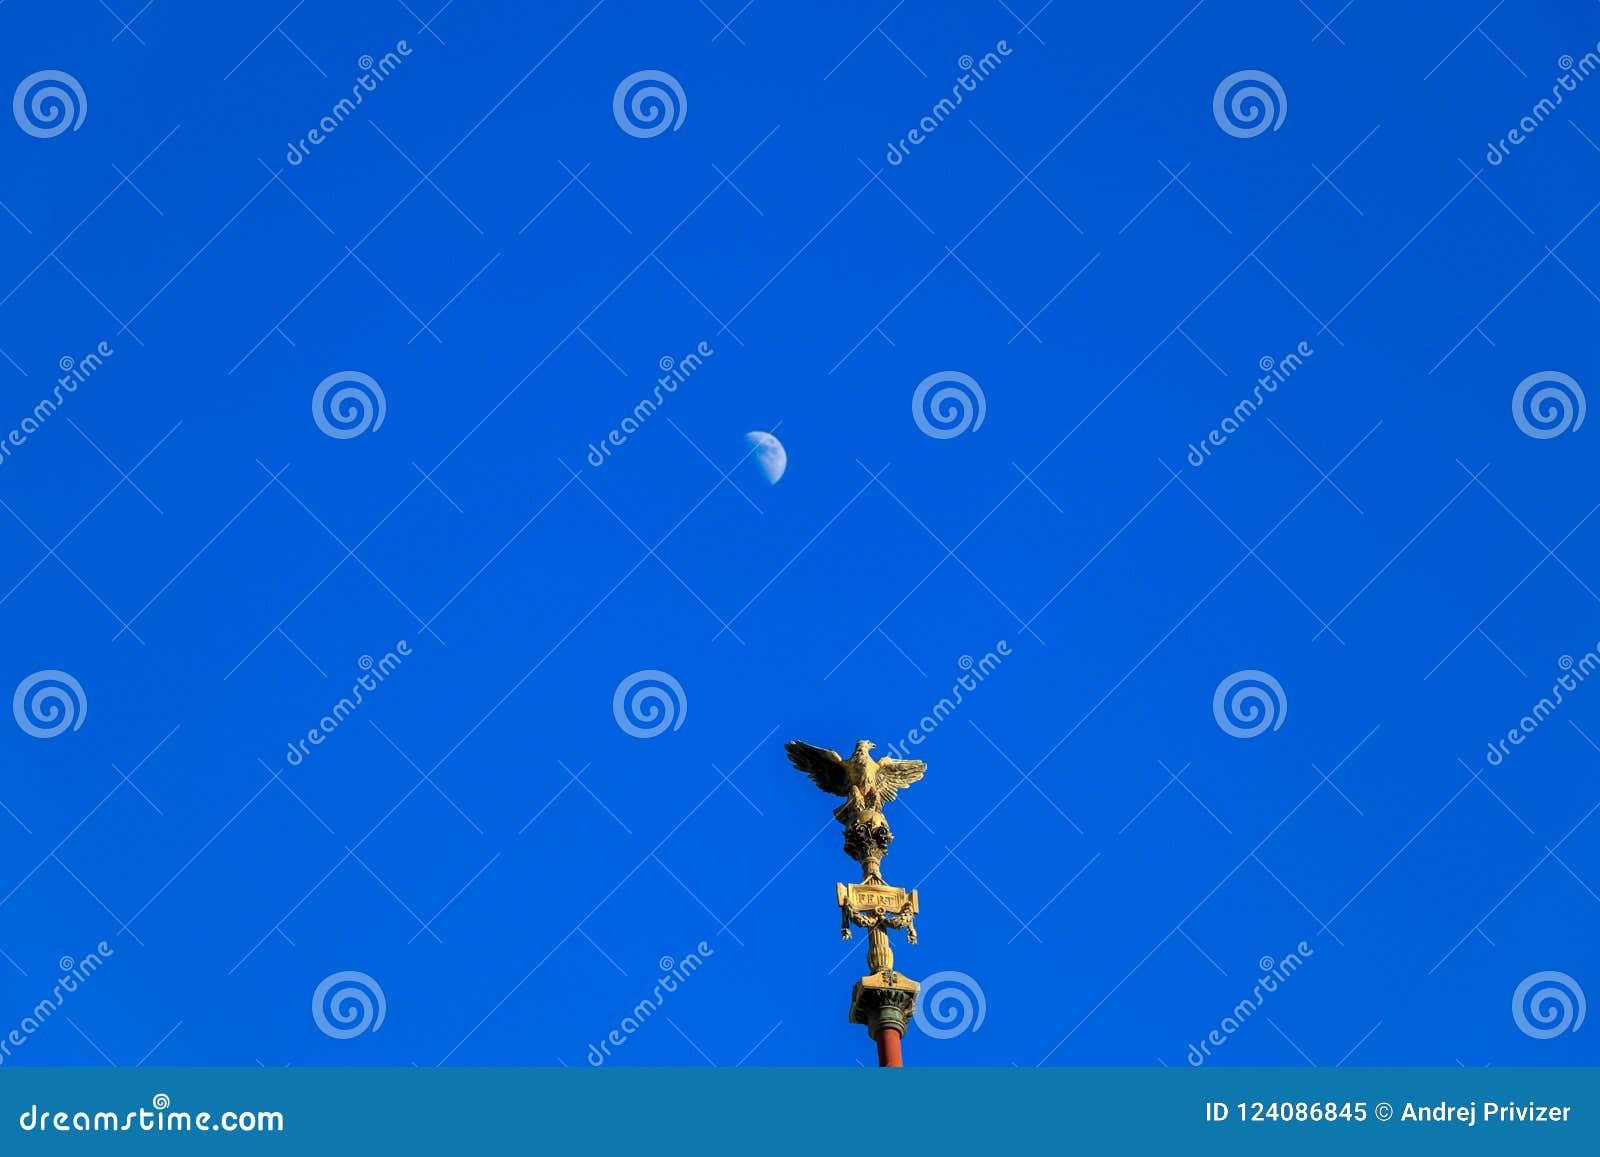 Aigle romain et la lune sur le fond bleu